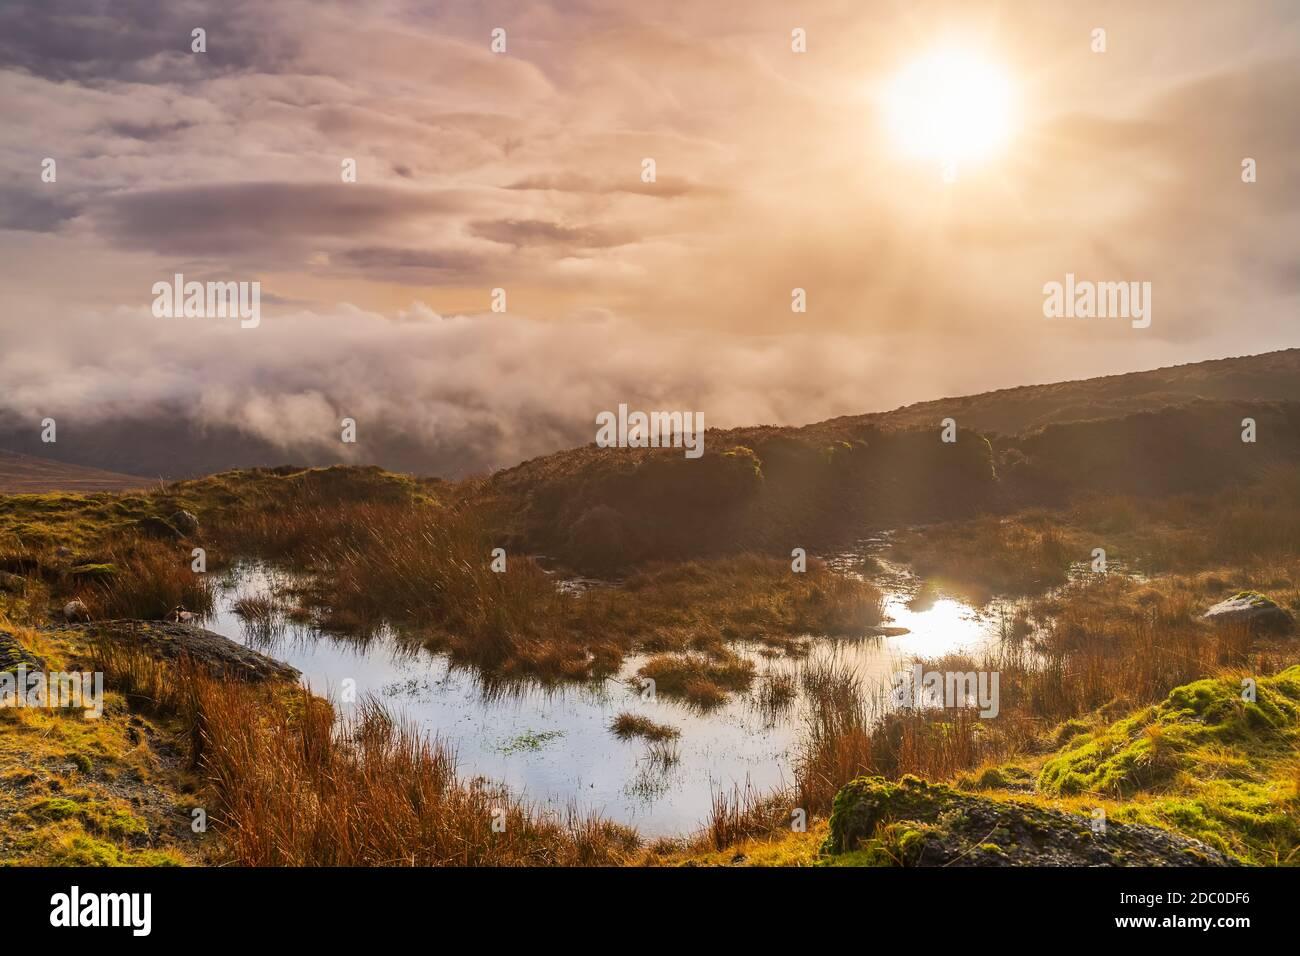 Nebbia, nebbia e cielo drammatico su una palude o palude con il sole che si riflette in una pozza. Suggestivo paesaggio delle montagne di Wicklow, Irlanda Foto Stock